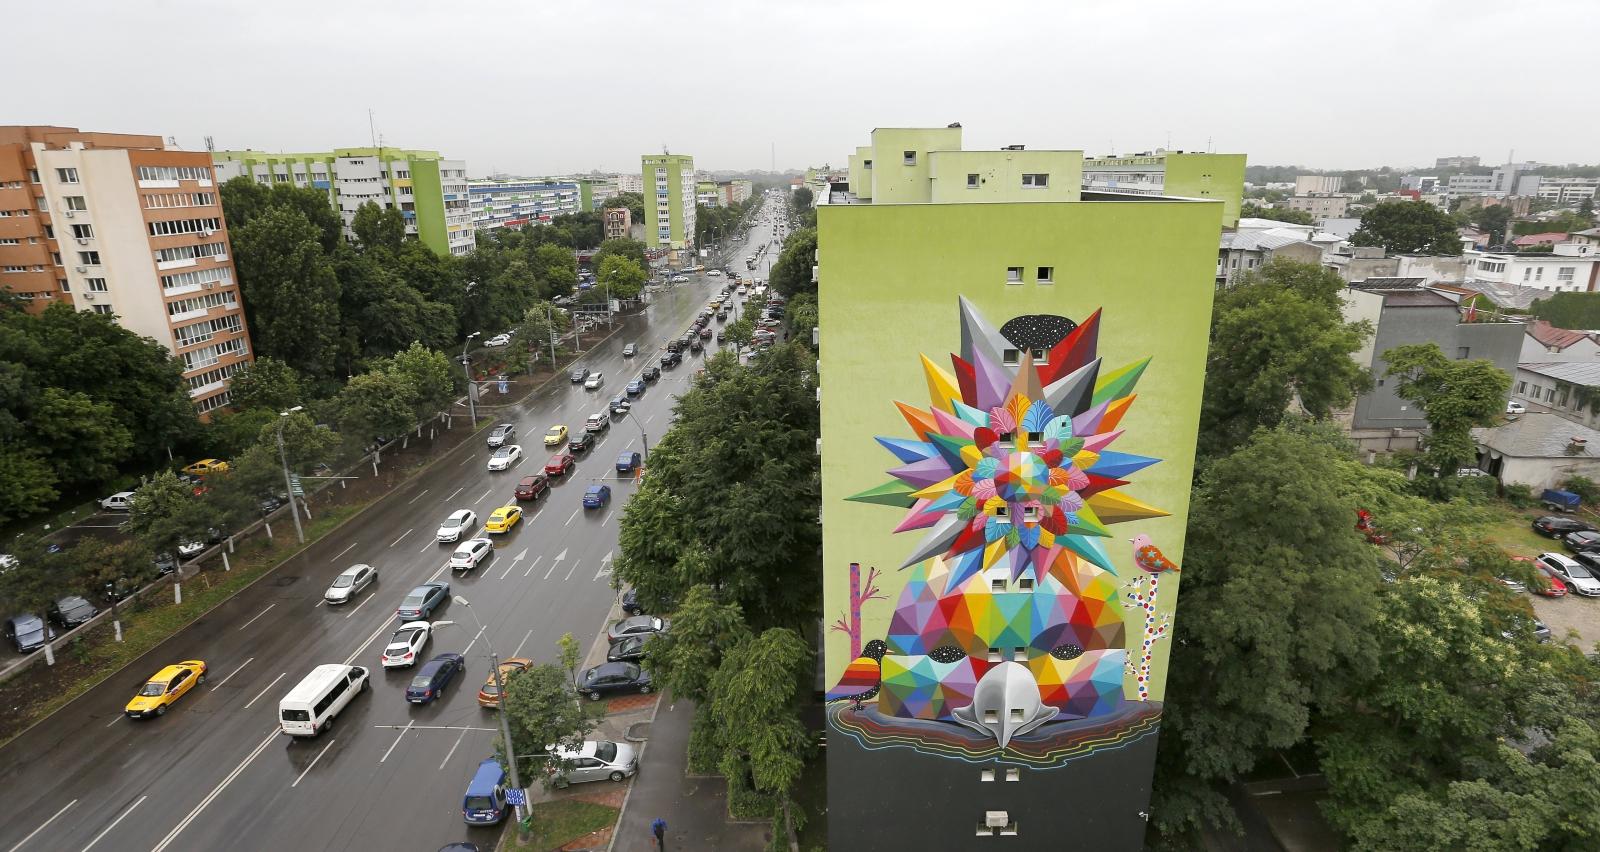 Mural hiszpańskiego artysty w Bukareszcie, Rumunia by Spa